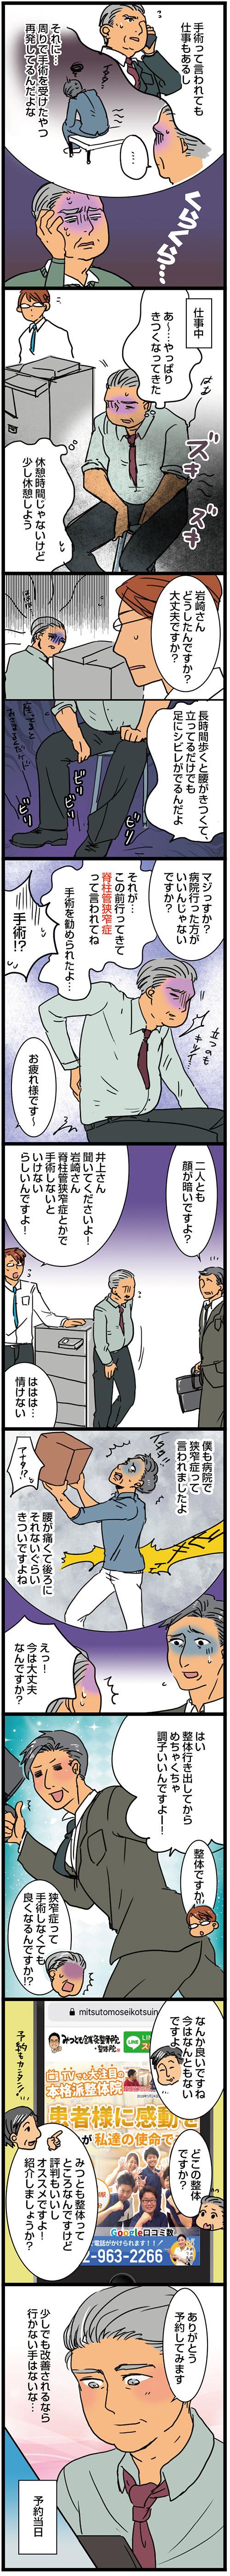 脊柱管狭窄症漫画